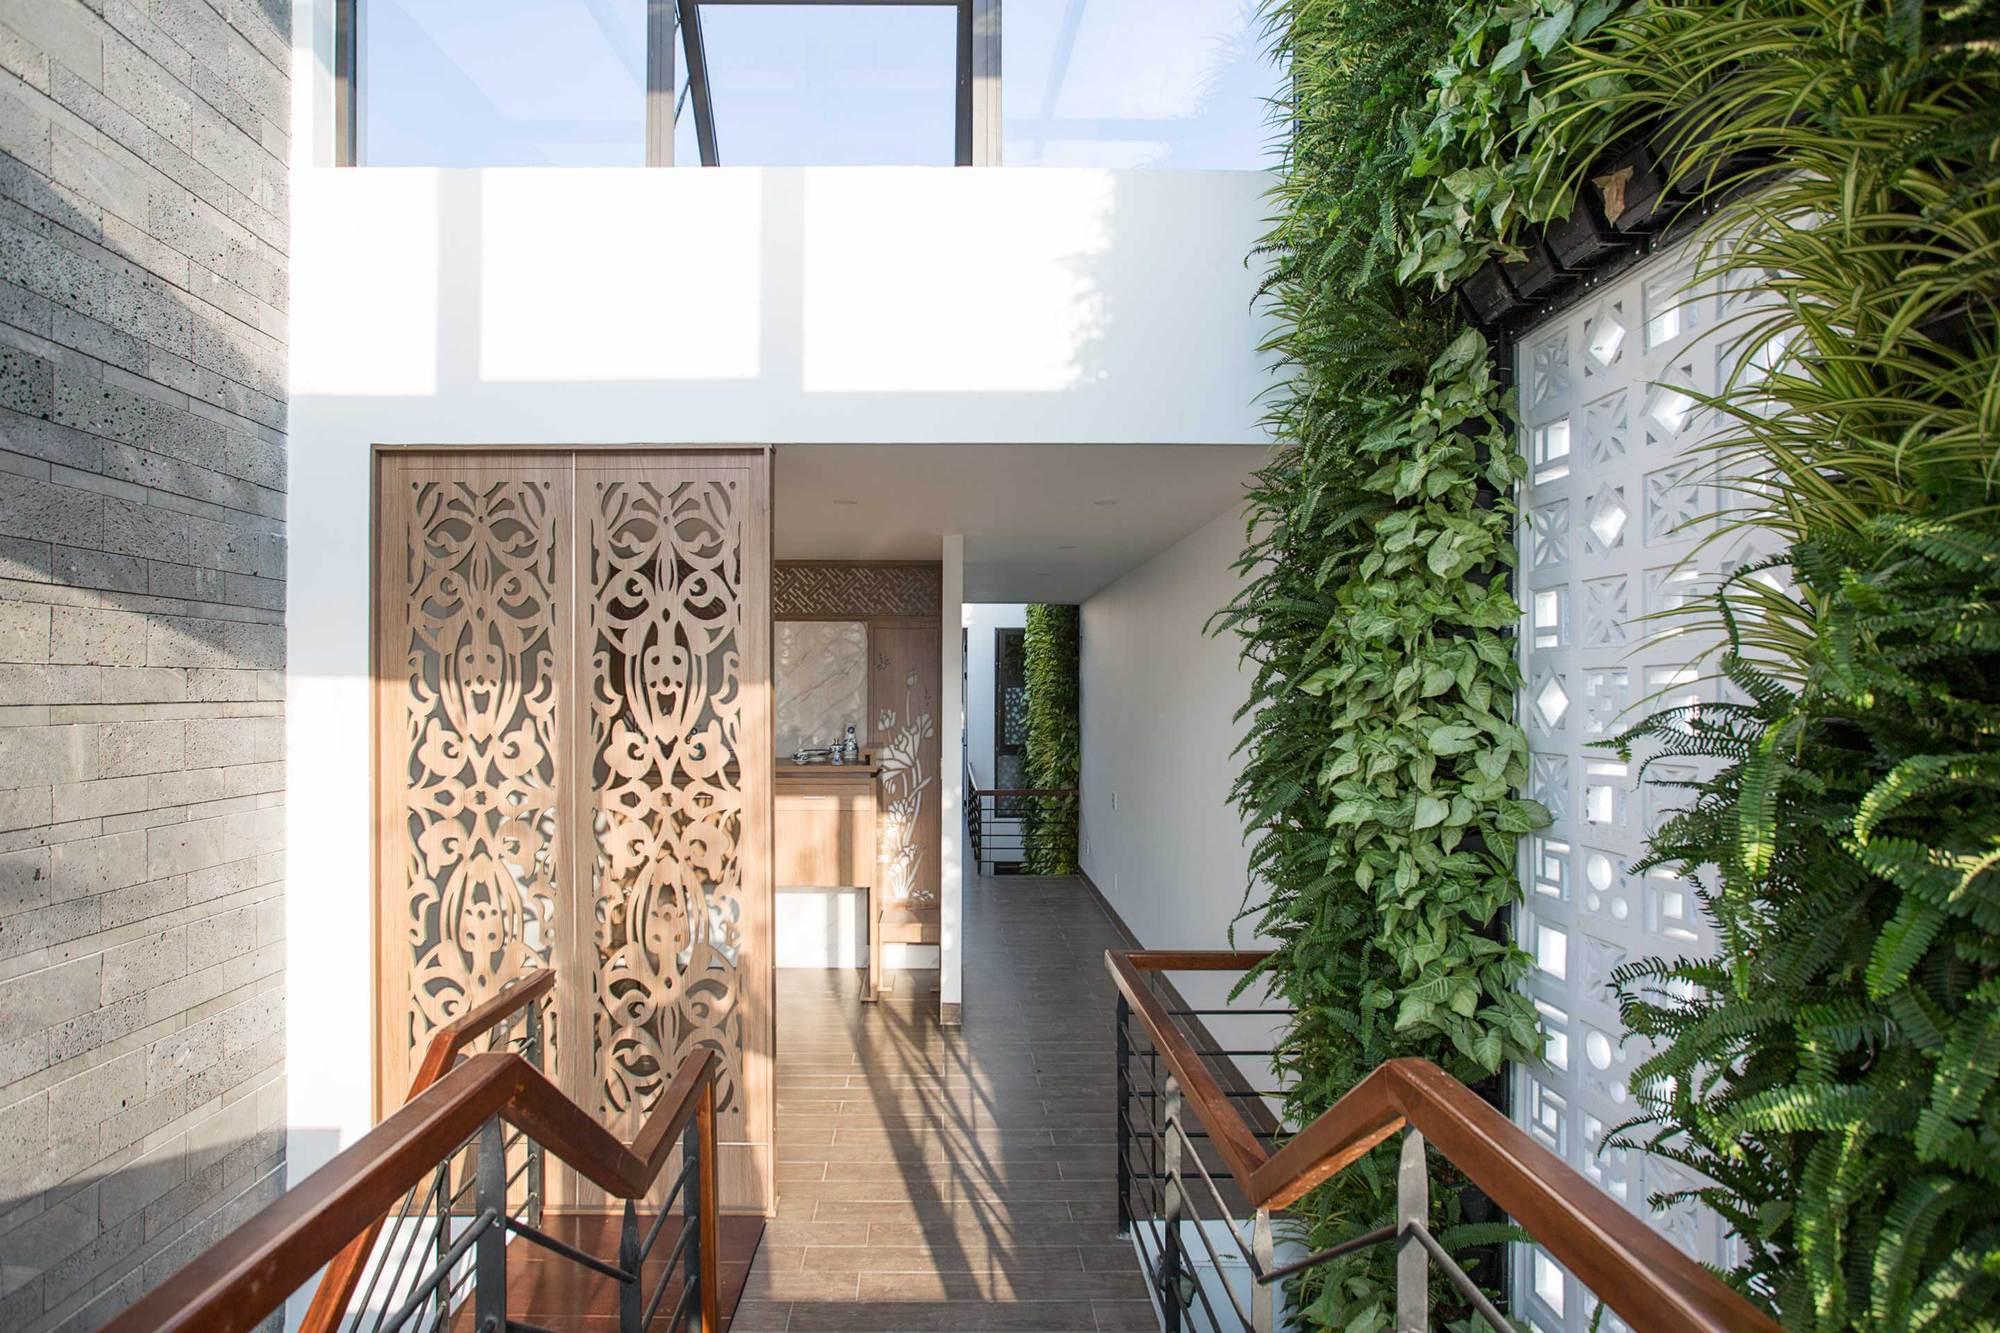 17 1546396268739154373840 - Ngôi nhà sâu đến 25m nhưng vừa xanh vừa thoáng nhờ hệ giếng trời và vườn đứng cực thông minh ở Đà Nẵng